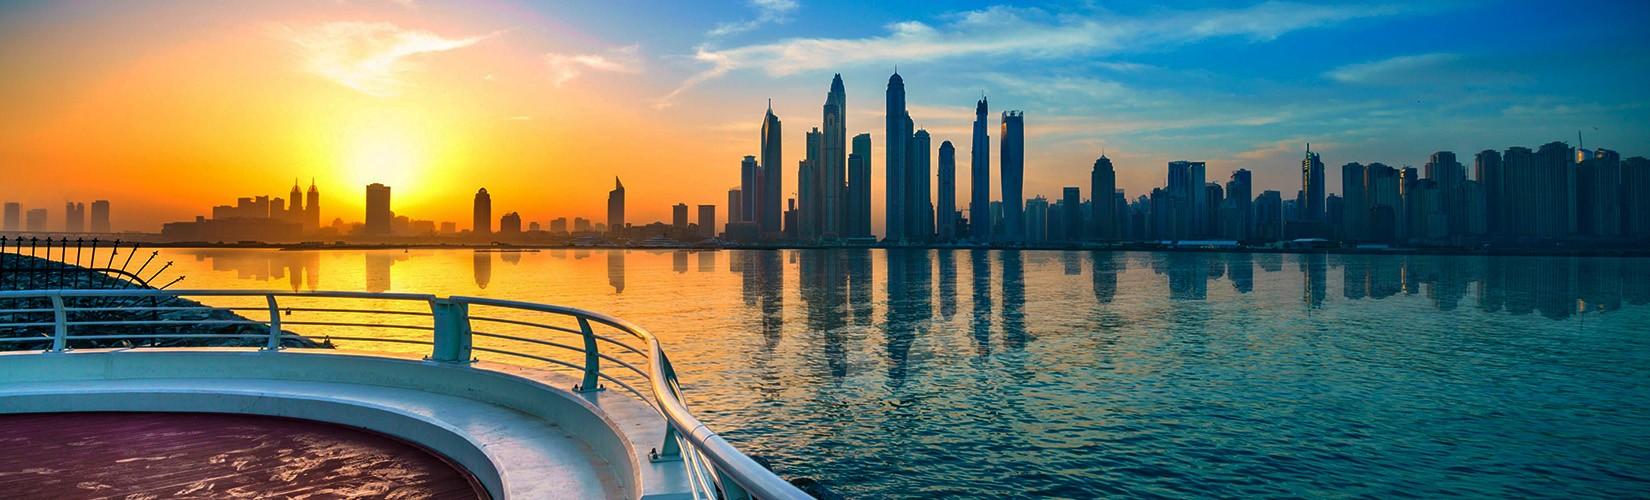 Dubai tour and Travel- Is Dubai Safe to travel?